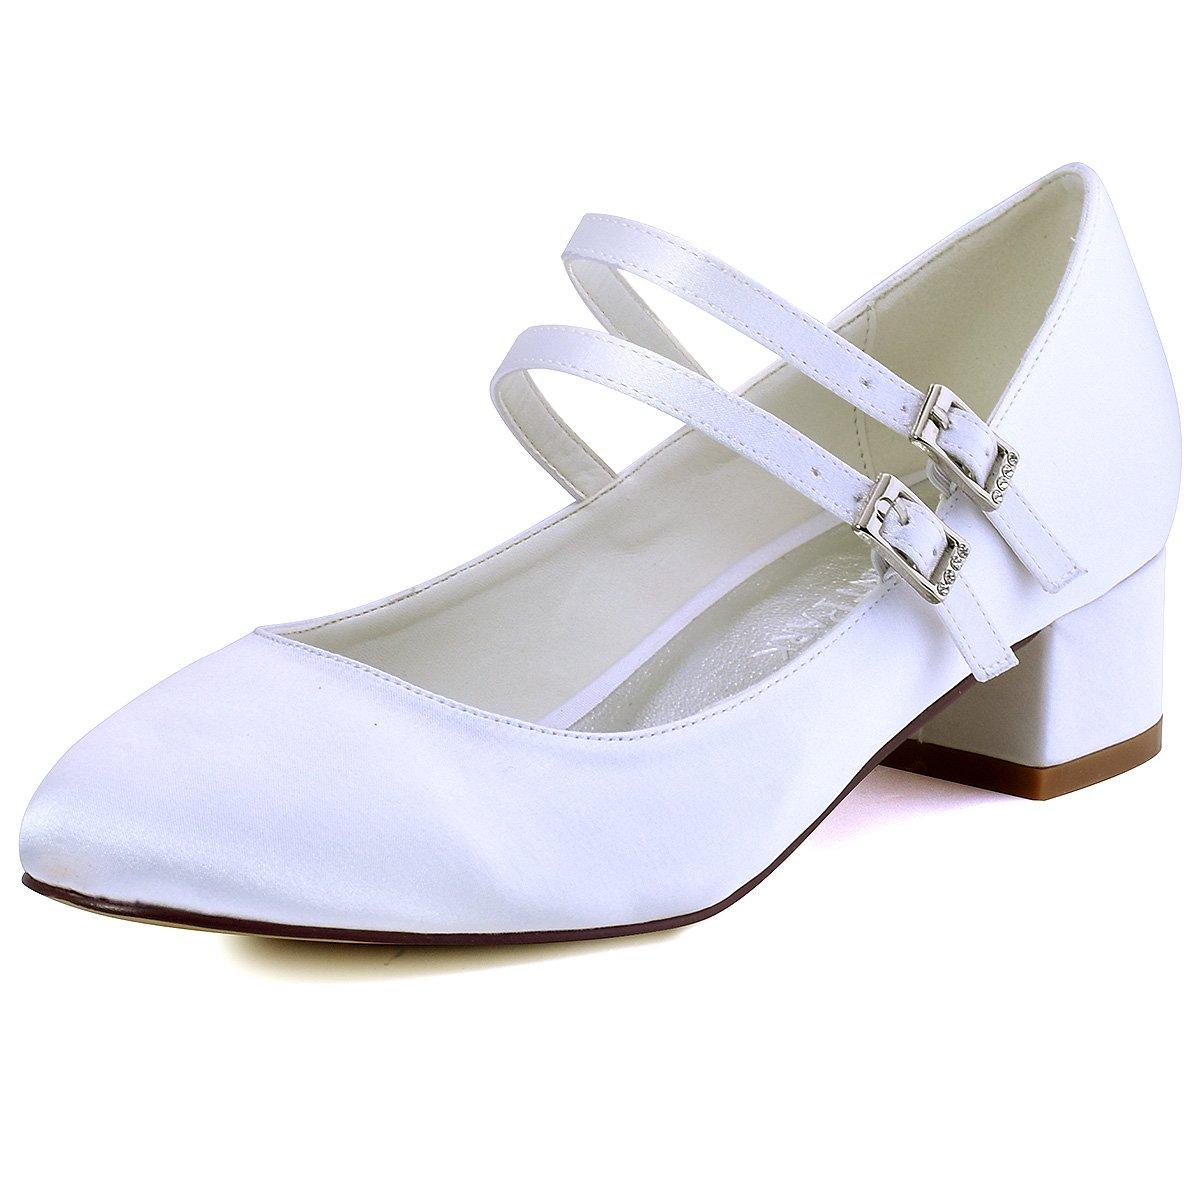 ElegantPark Femmes de Fermé Toe Bloc 10539 Talon Mary Jane ElegantPark Pompes Satin Chaussures de Mariage Soirée Blanc ded9915 - therethere.space